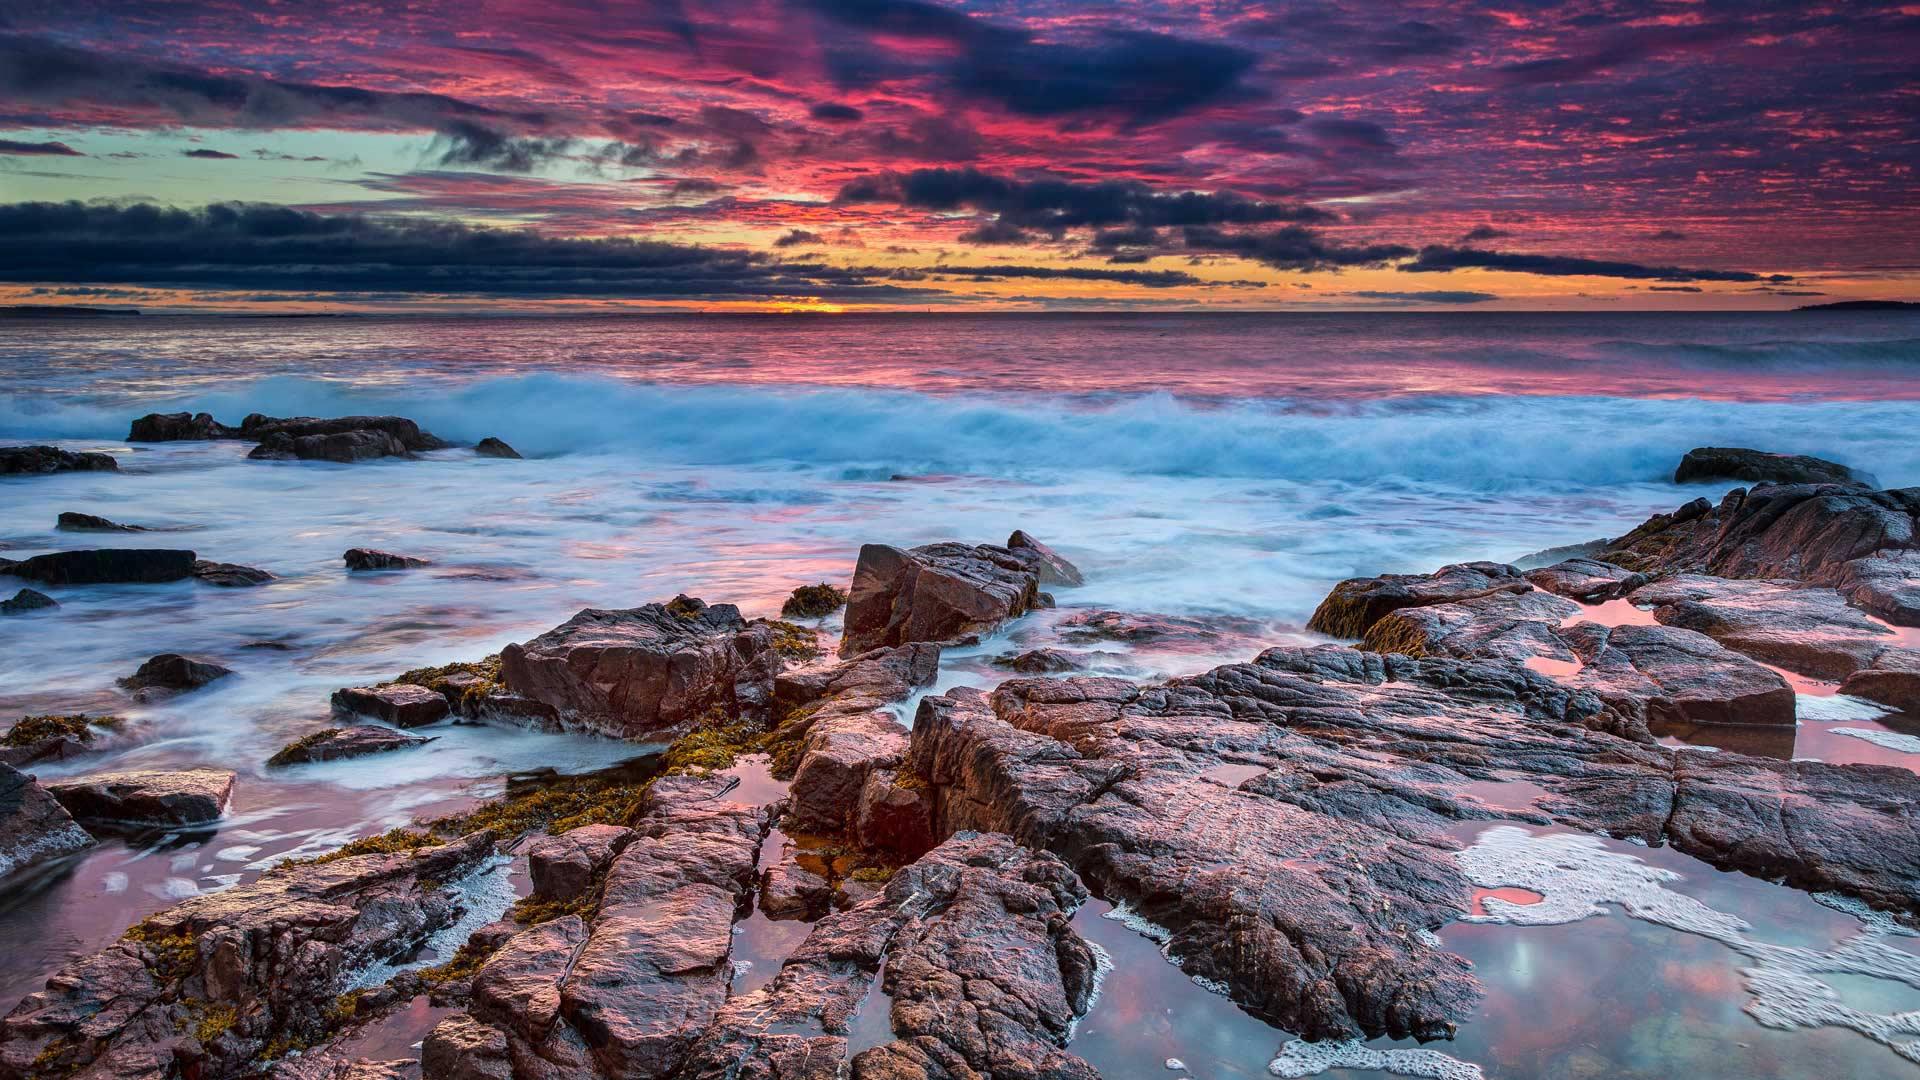 Parc national d'Acadia dans le Maine, États-Unis (© emptyclouds/Getty Images)(Bing France)